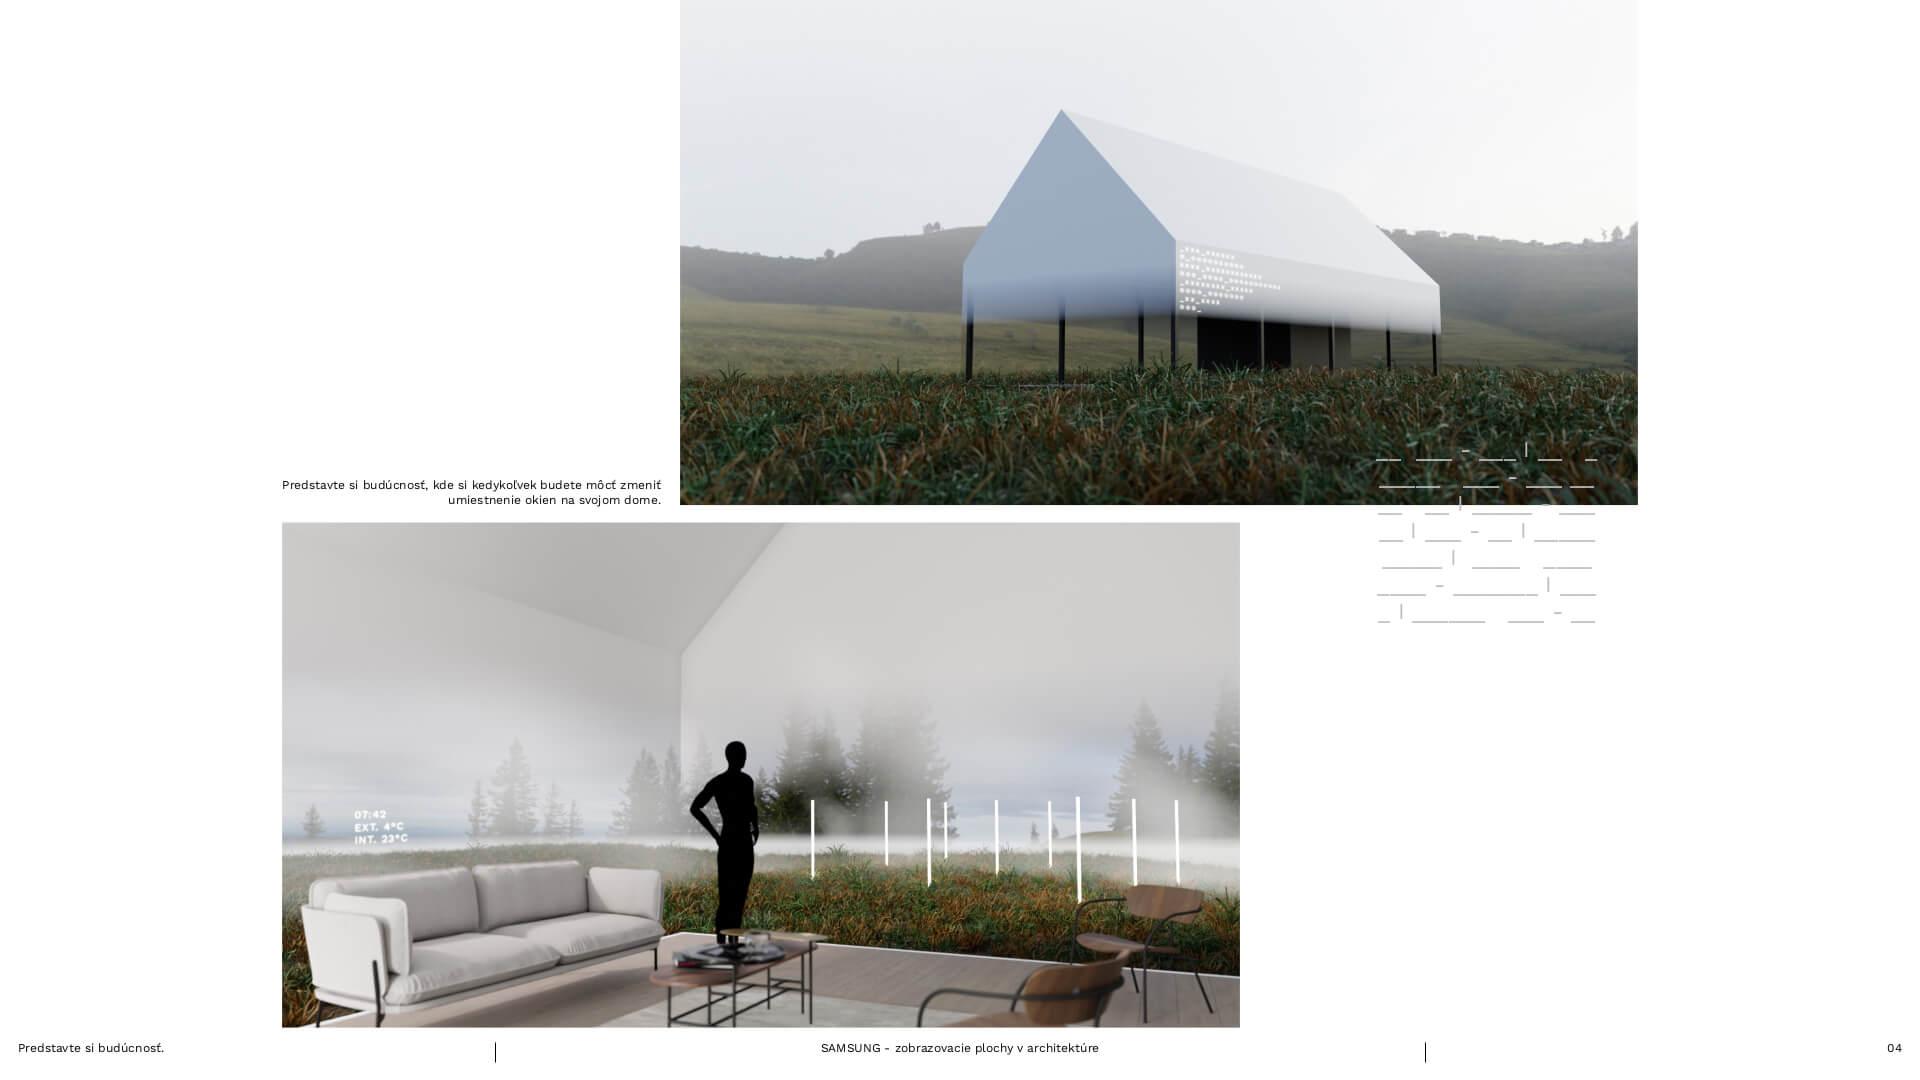 zobrazovacie plochy v architekture 1 1